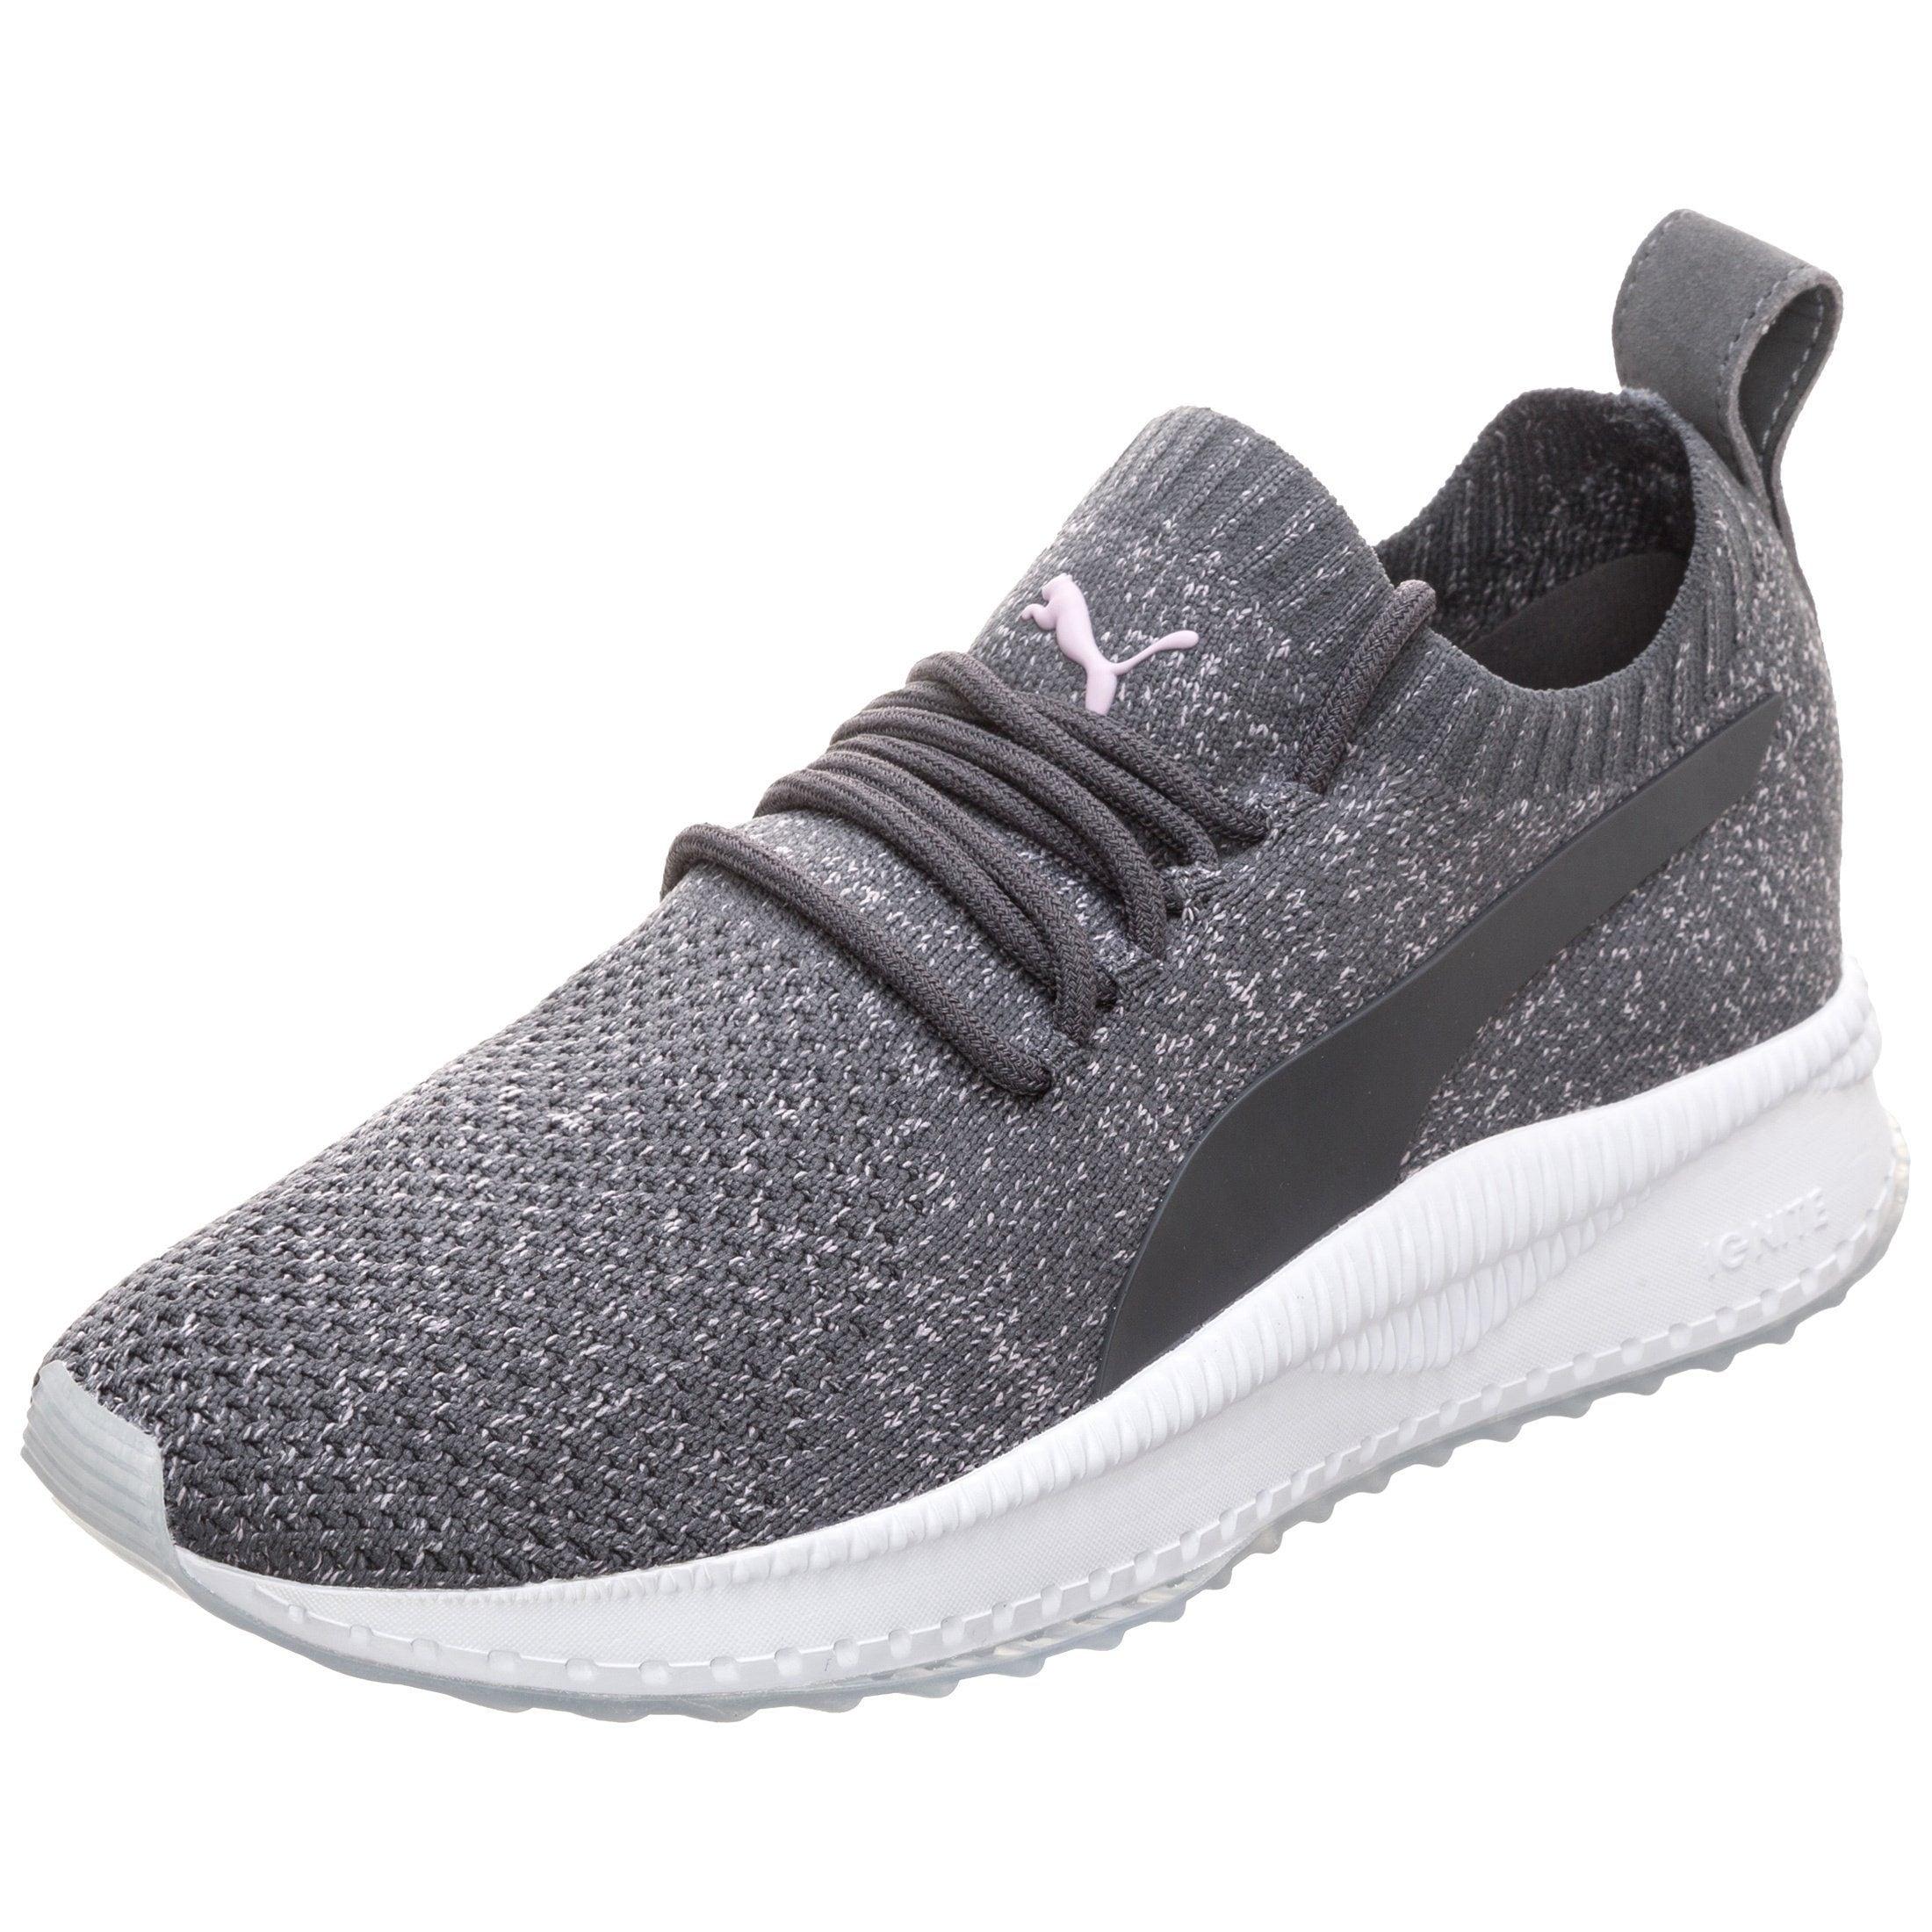 PUMA Sneaker Tsugi Preis-Leistungs-Verhältnis, Apex Evoknit online kaufen | Gutes Preis-Leistungs-Verhältnis, Tsugi es lohnt sich 9c6f0f